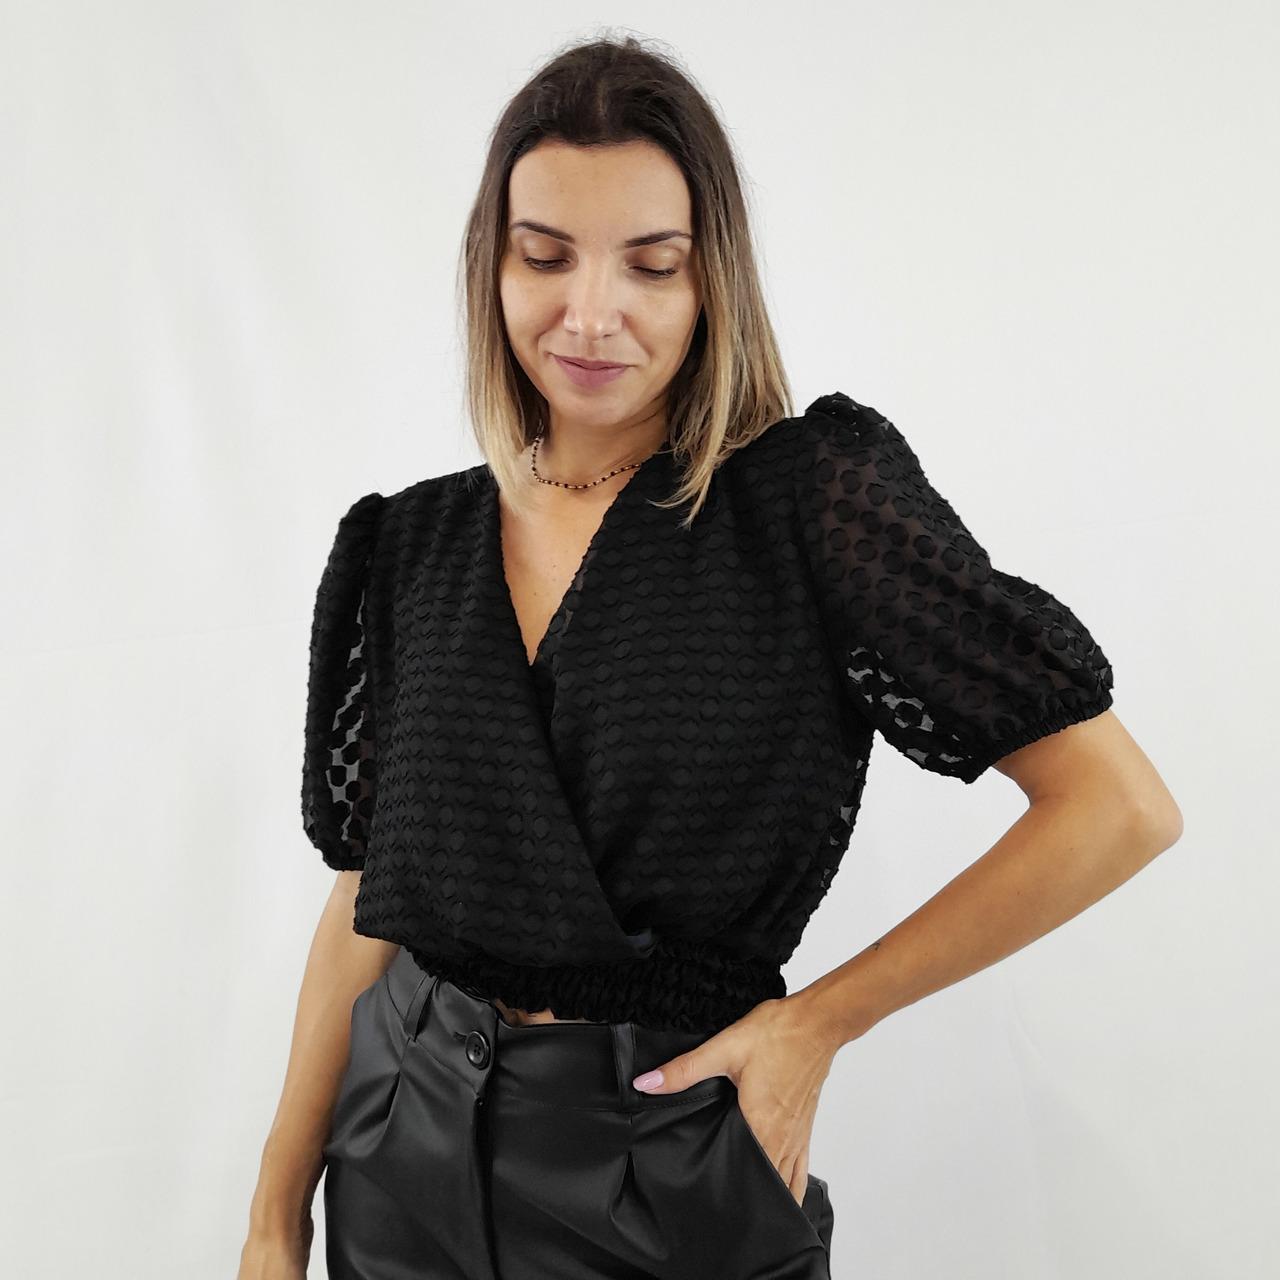 Blusa Transpassada - Preta Póa